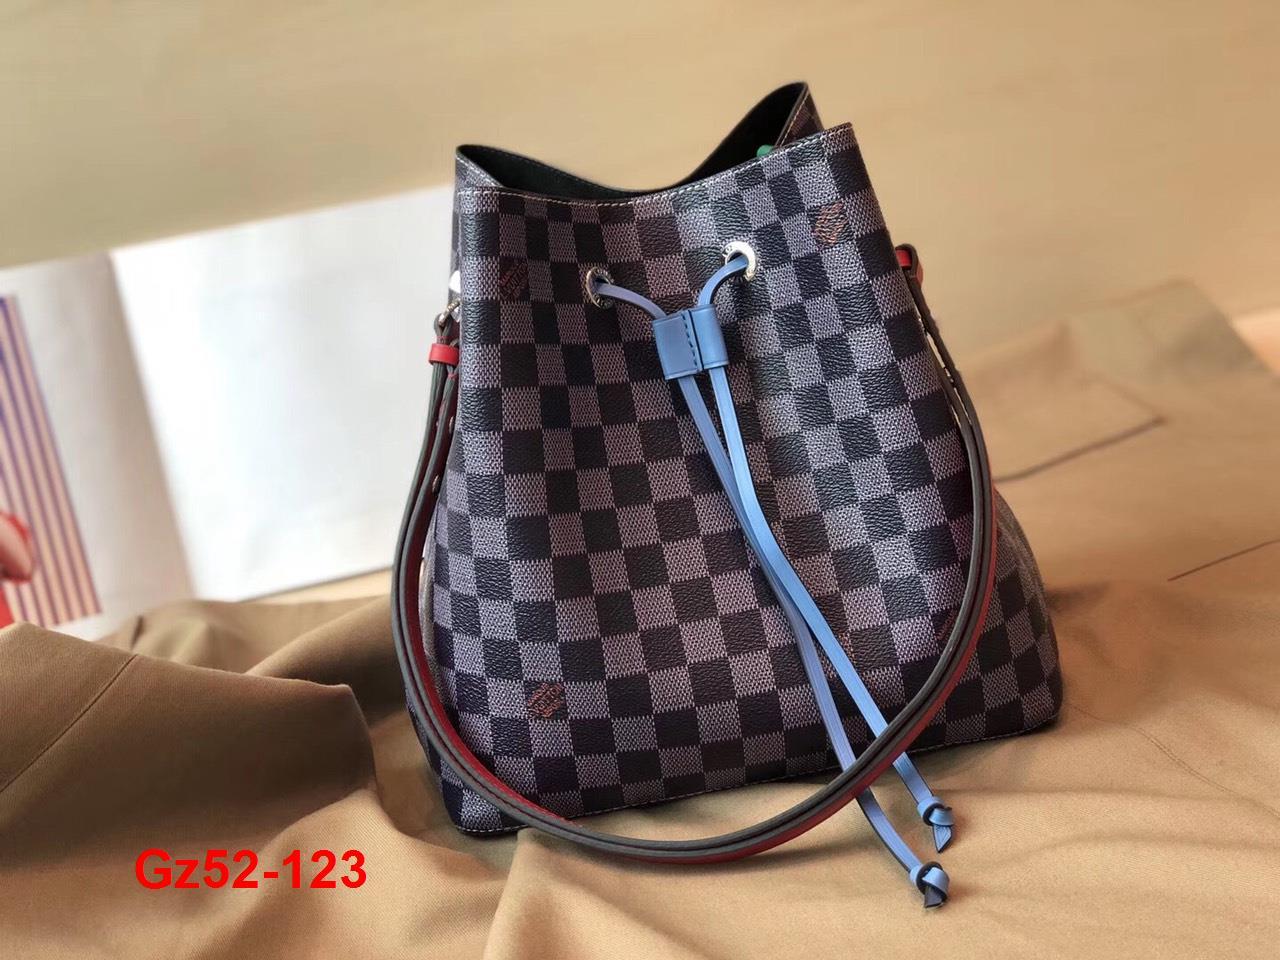 Gz52-123 Louis Vuitton túi size 20cm, 26cm siêu cấp